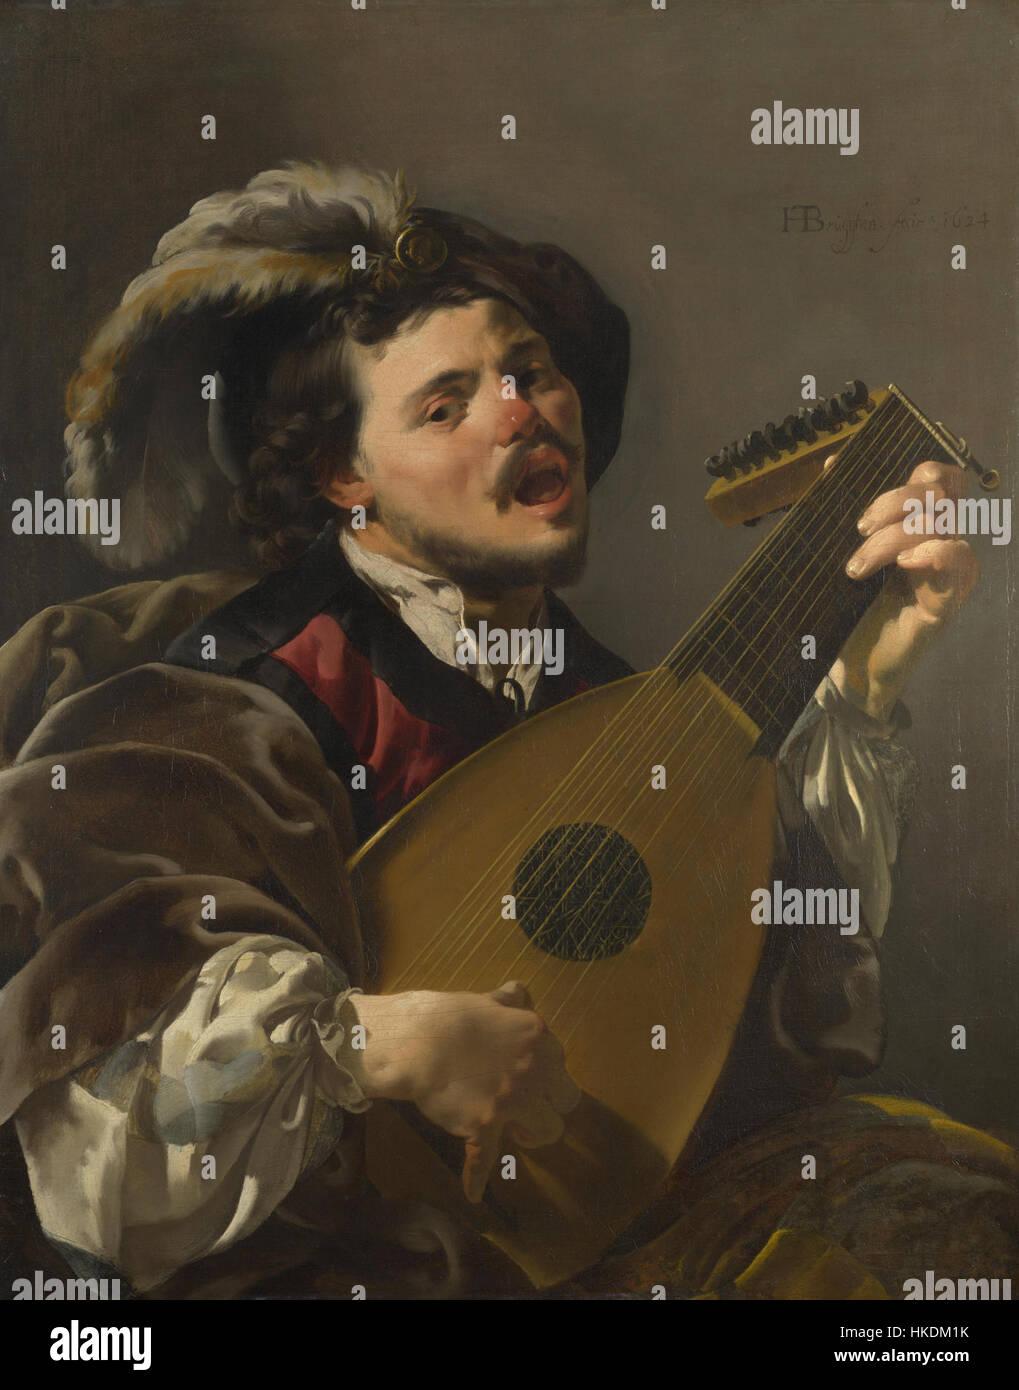 Ein Mann spielt eine laute Stockbild